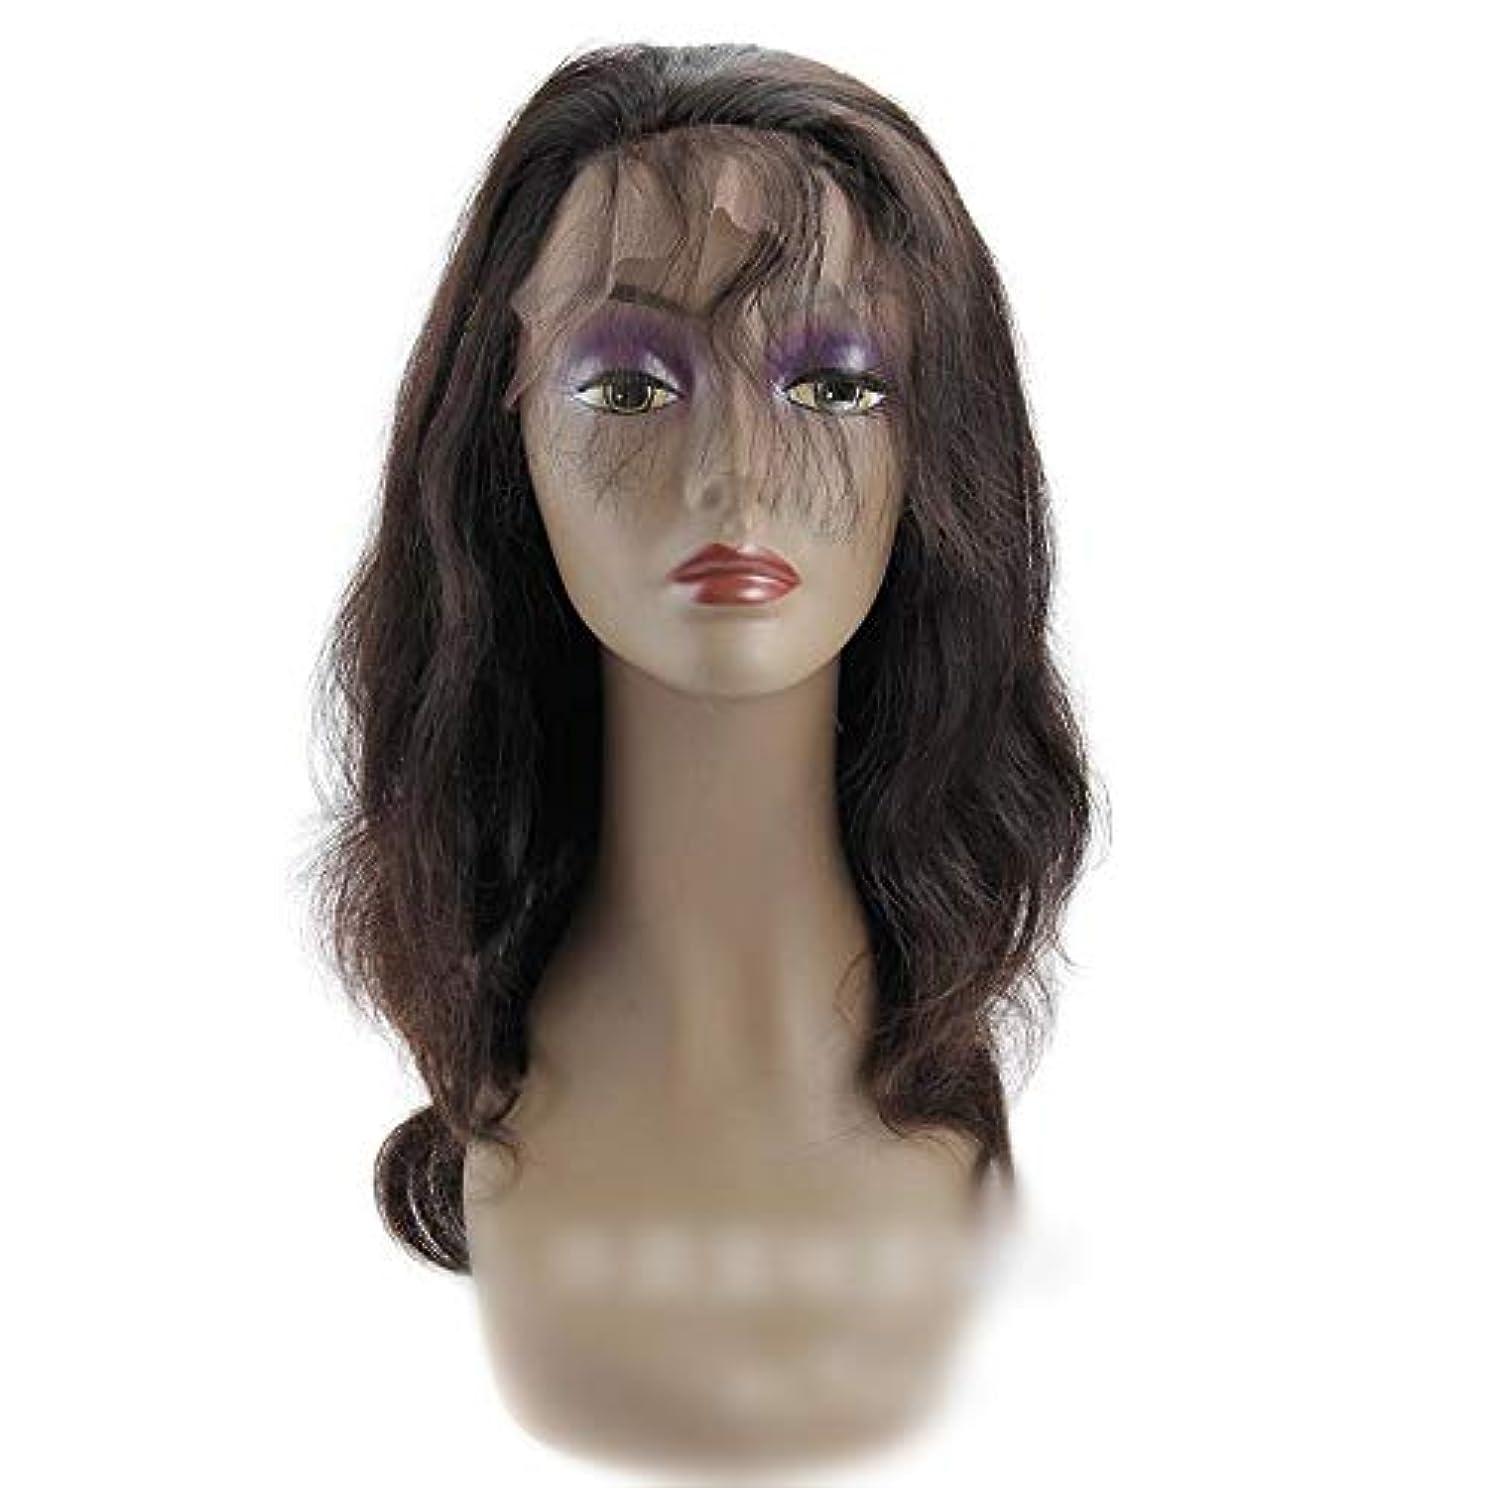 育成本質的ではない霧深いHOHYLLYA 360レース前頭かつらブラジルバージンヘアエクステンションボディウェーブ人間の髪の毛のかつら女性のかつら (色 : 黒, サイズ : 18 inch)